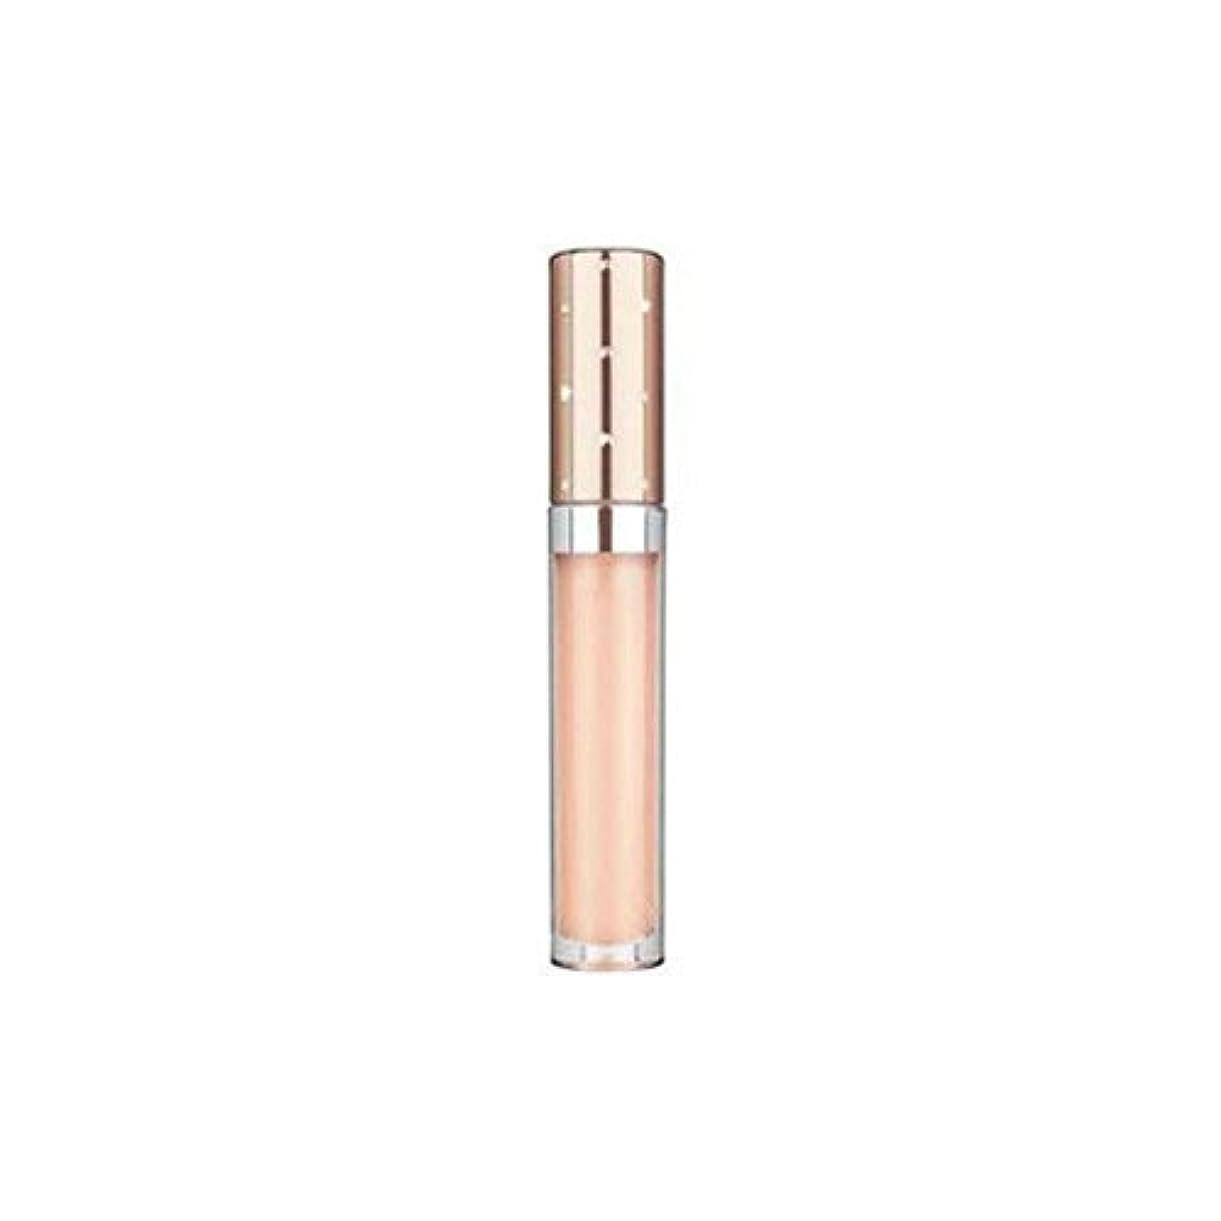 欲望柔らかいチャットNubo Instant Lip Perfection Spf15 (5ml) (Pack of 6) - インスタントリップパーフェクション15(5ミリリットル) x6 [並行輸入品]